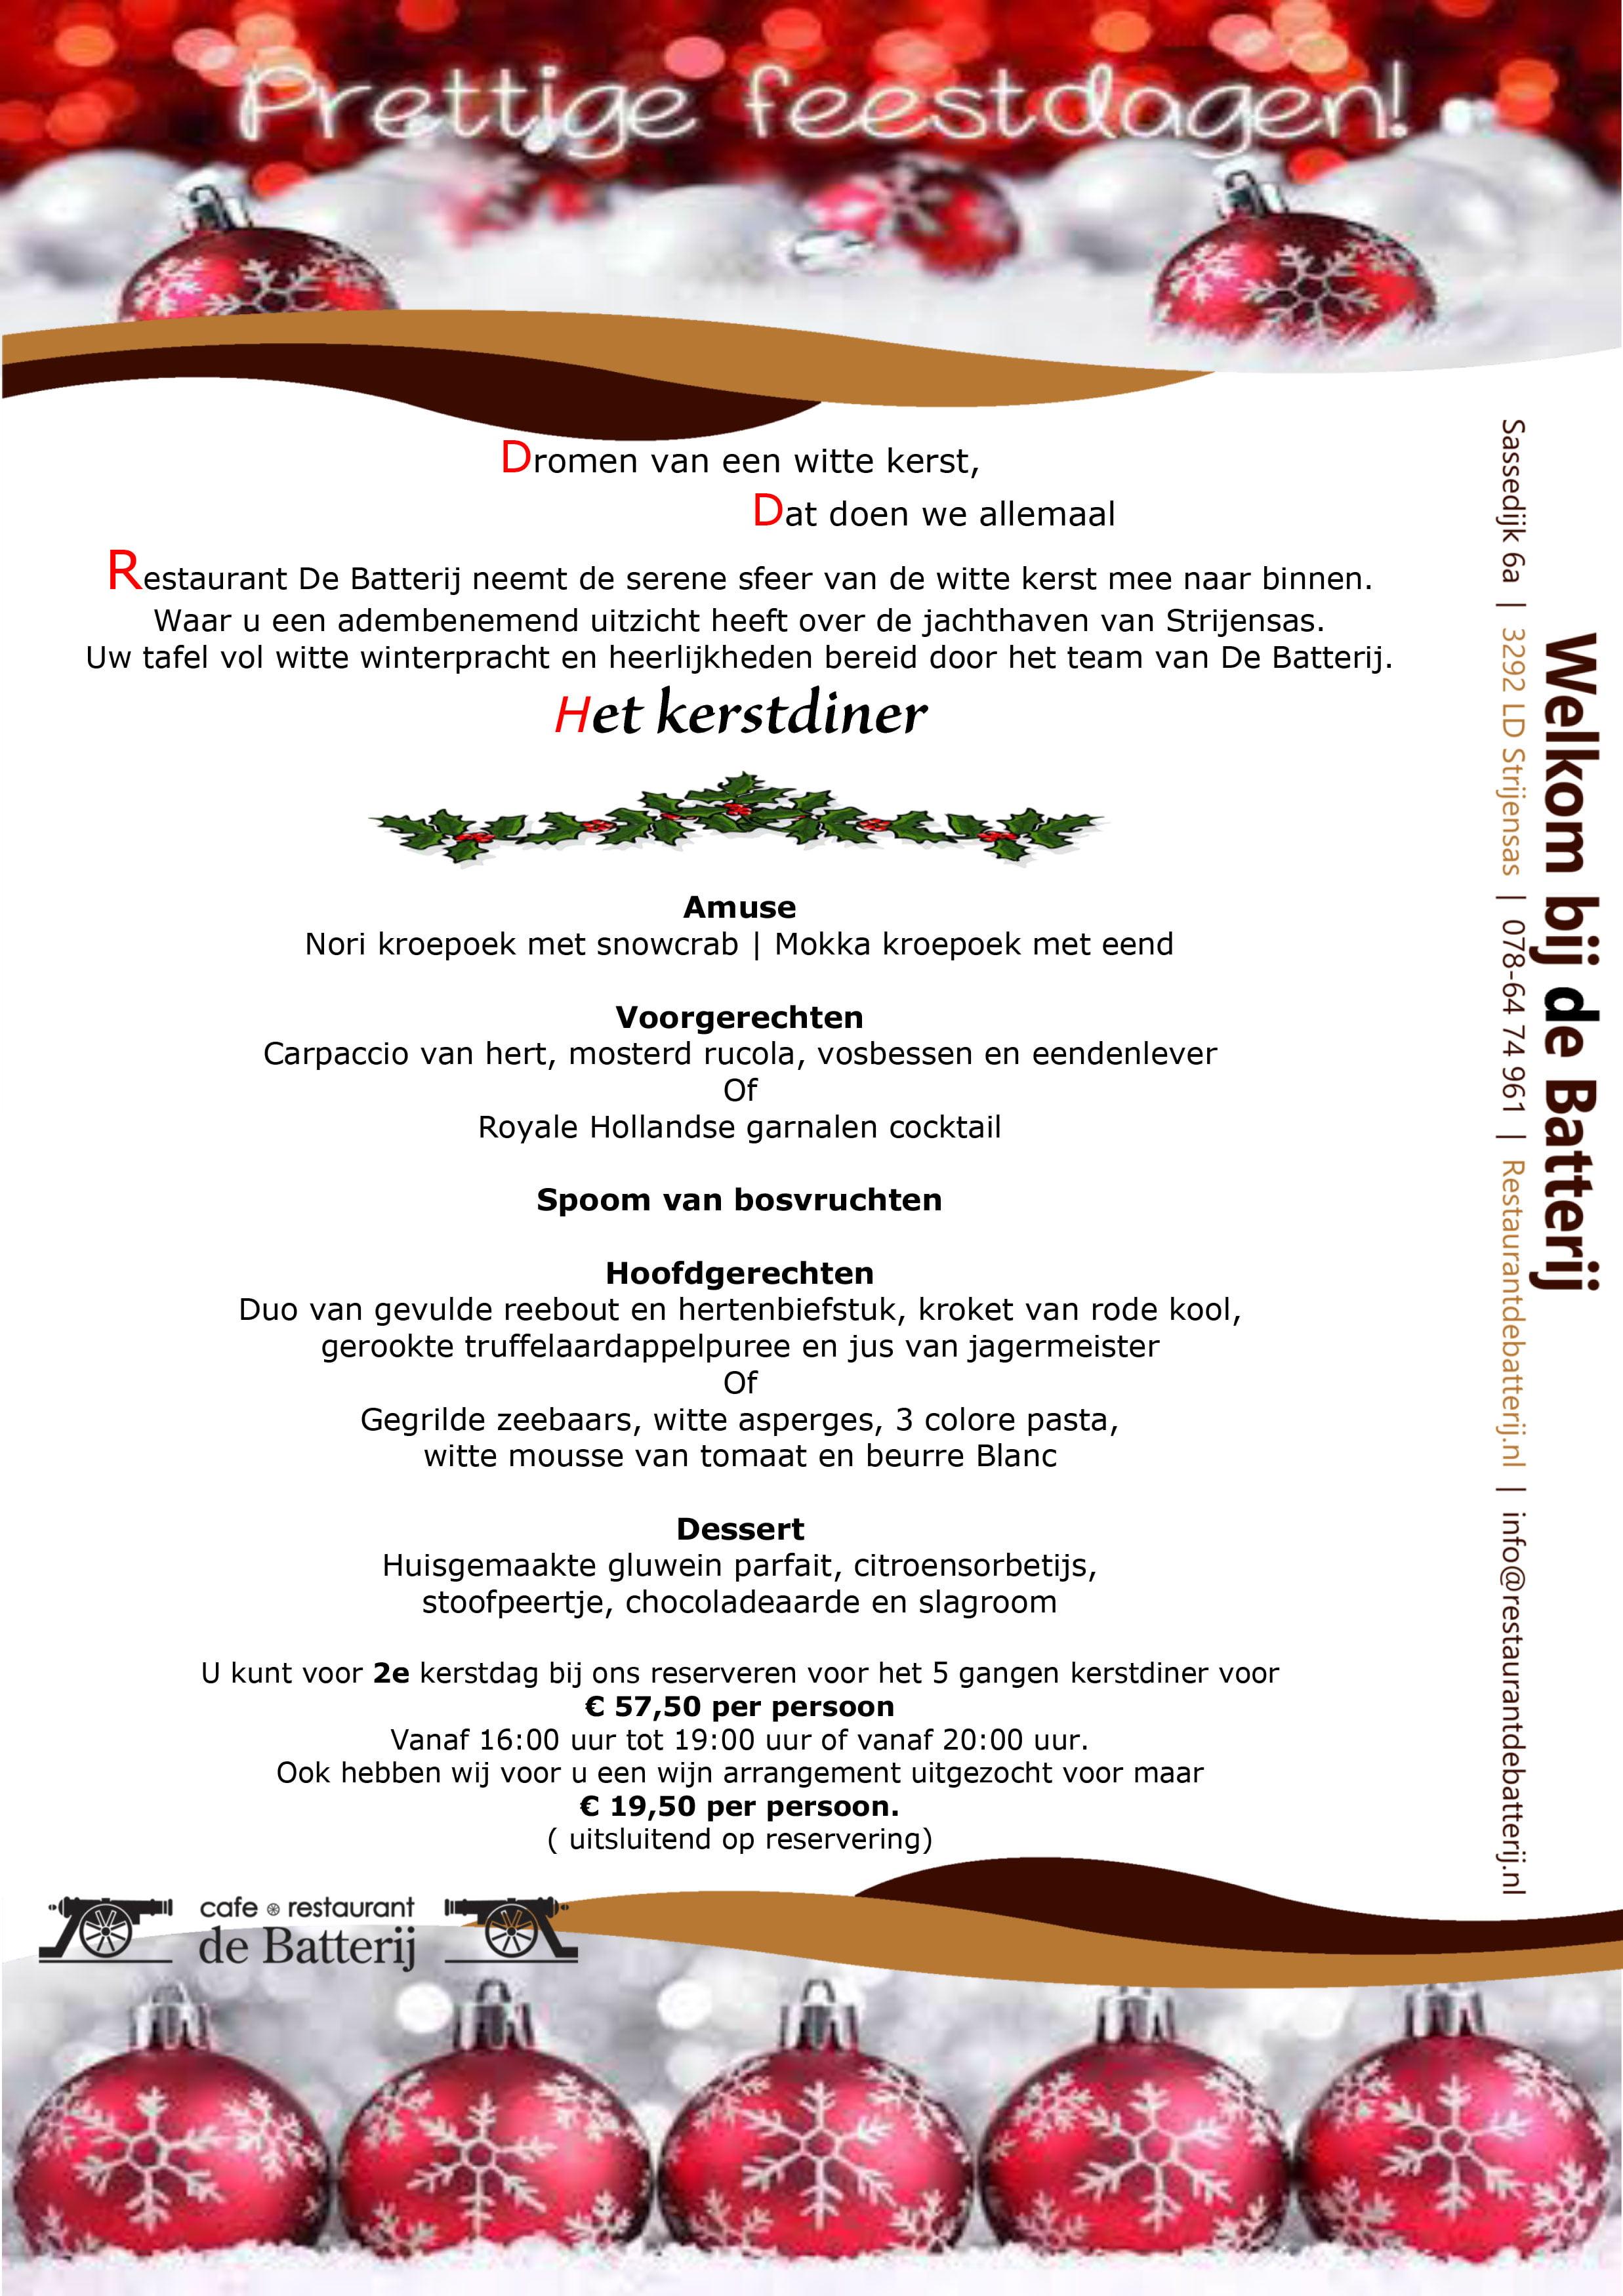 3 Gangen Kerstdiner.Uw Kerstdiner Bij Restaurant De Batterij In Strijensas